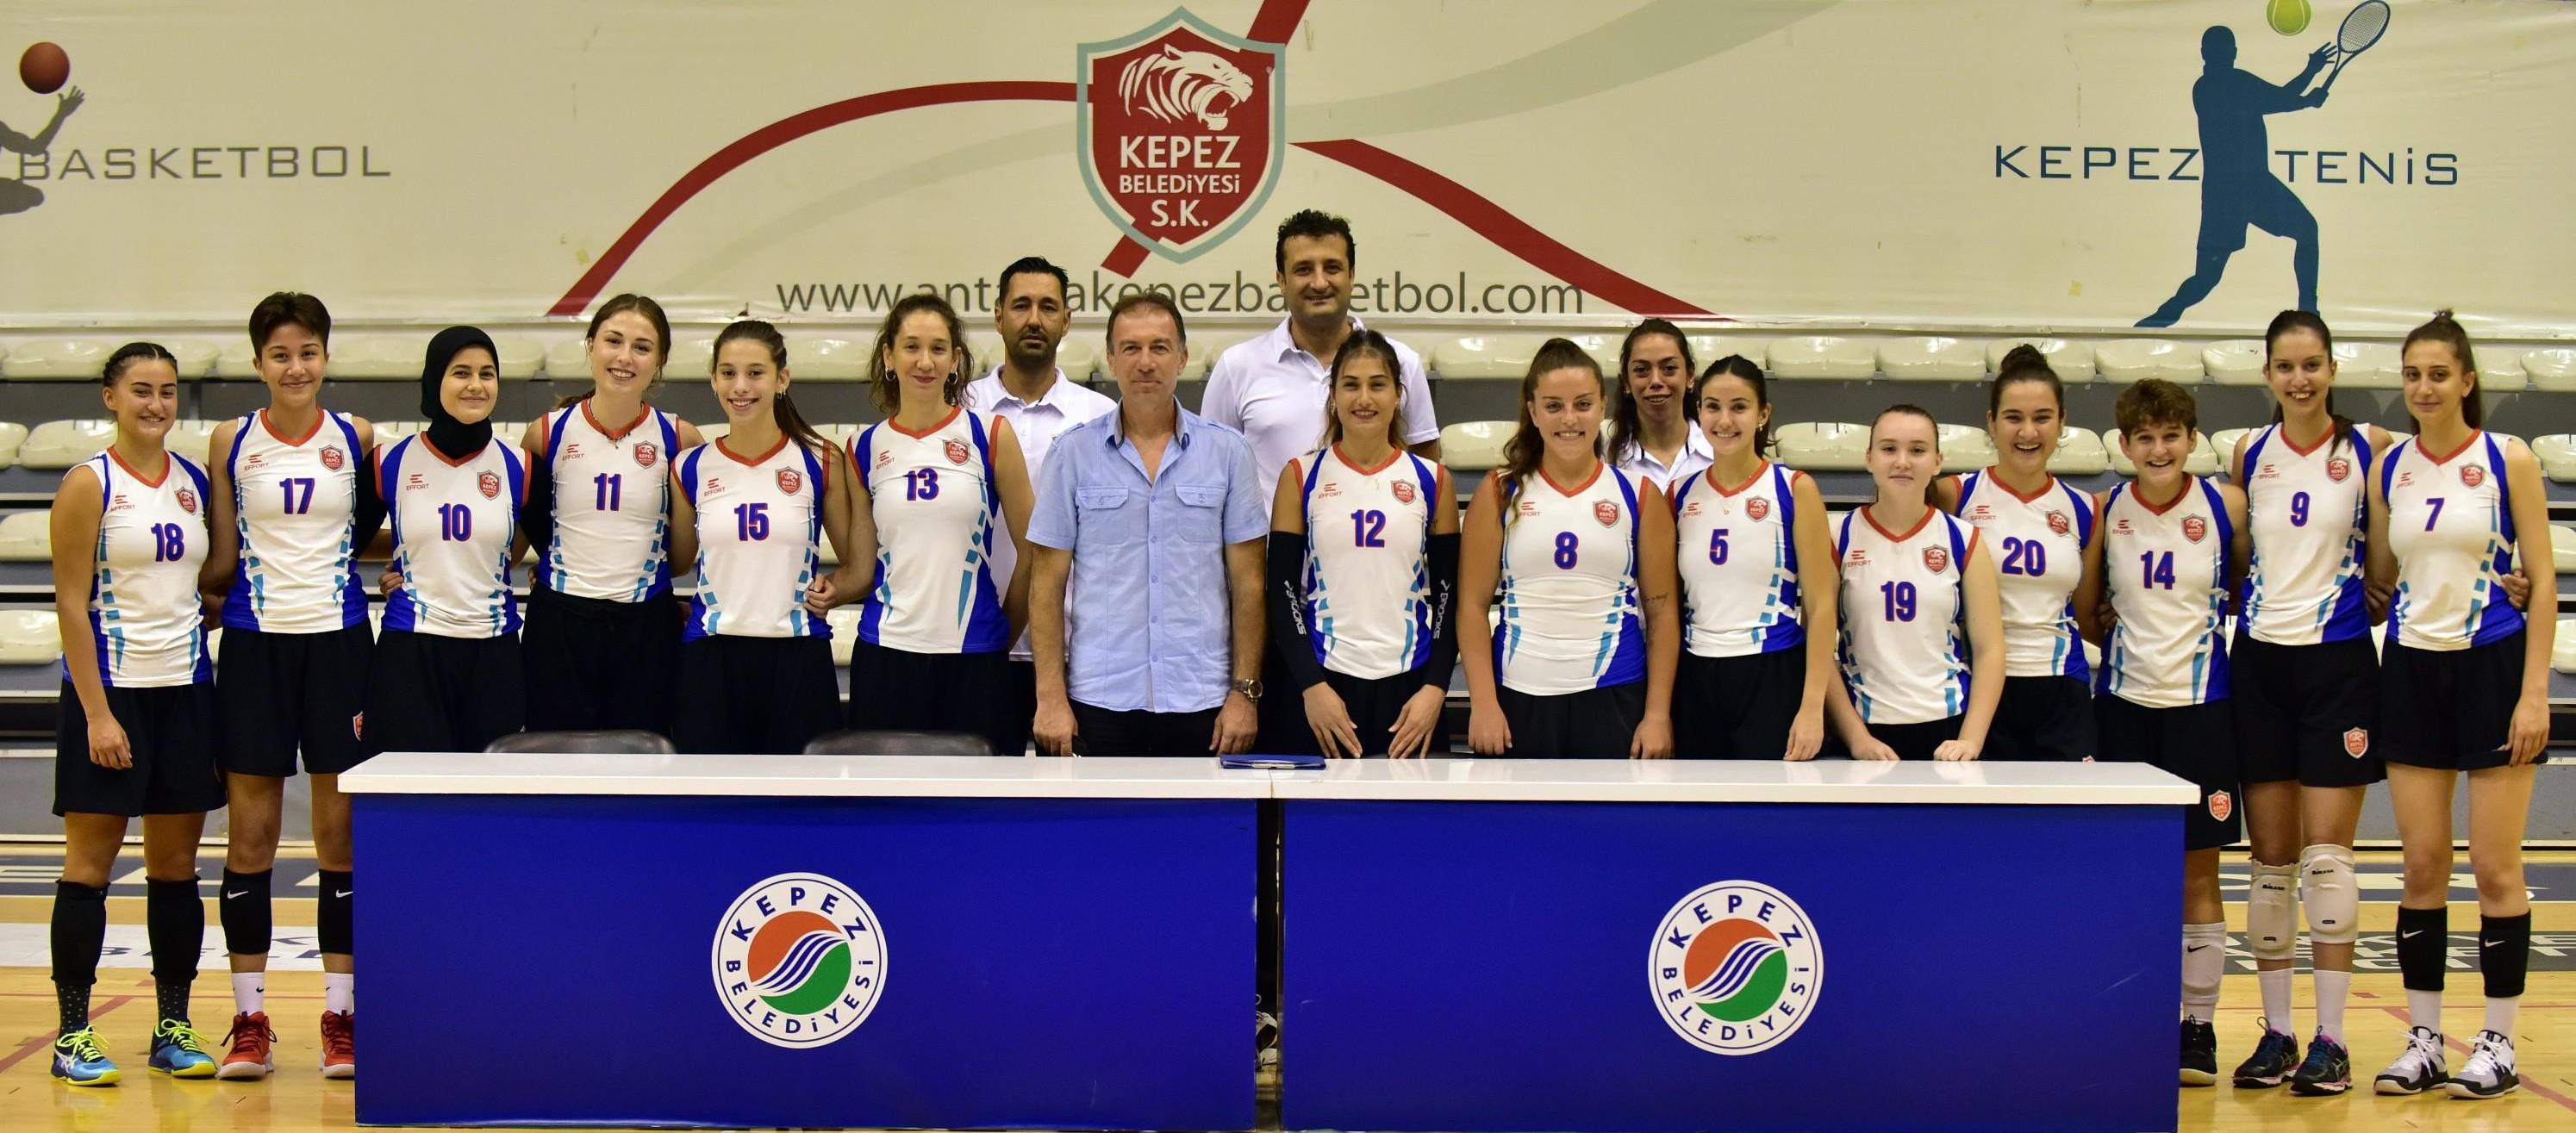 Kepez Belediyesi Spor Kulübü'nün alt yapısından yetişen sultanlar, bu sezon 2'inci ligde verecekleri mücadele öncesi sözleşme imzaladı